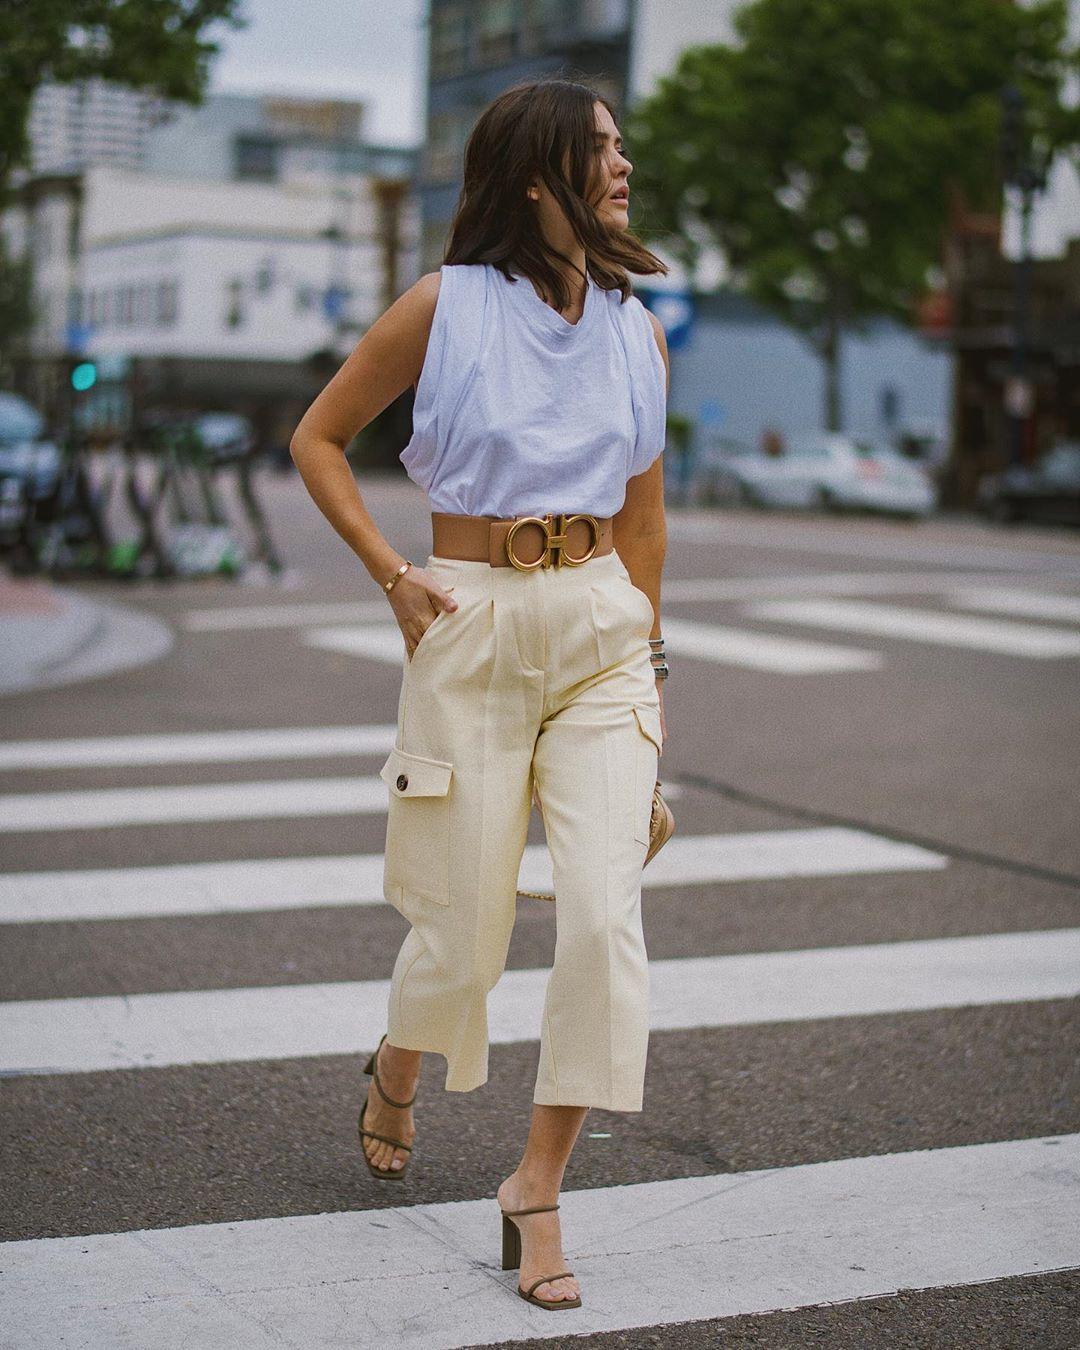 pants cargo pants high waisted pants sleeveless top sandal heels belt